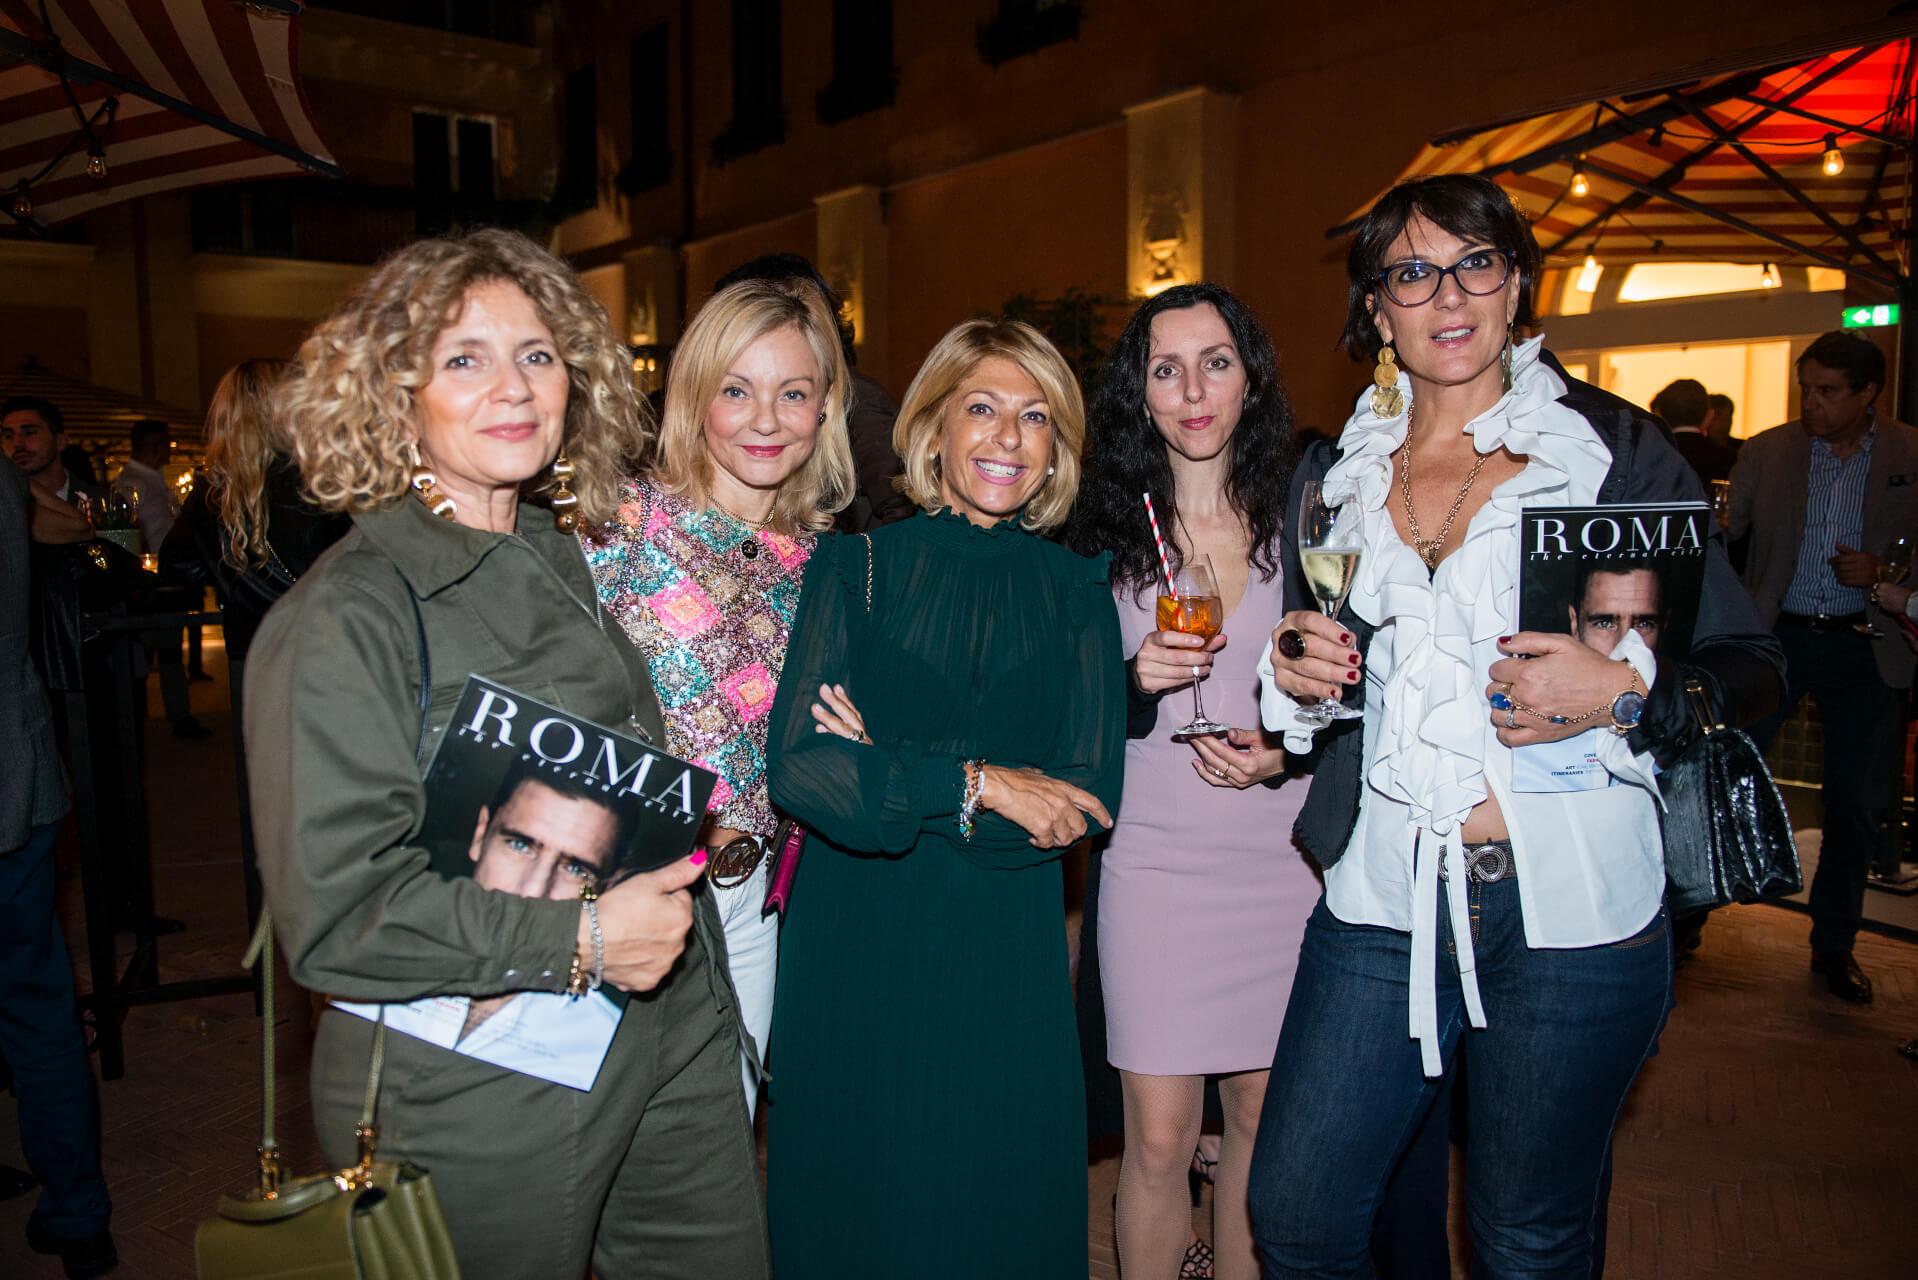 Iran Dmytrenko, Claudia Guadagni, Paola Paciotti, Antonella Mazzaglini, Barbara Mandatori